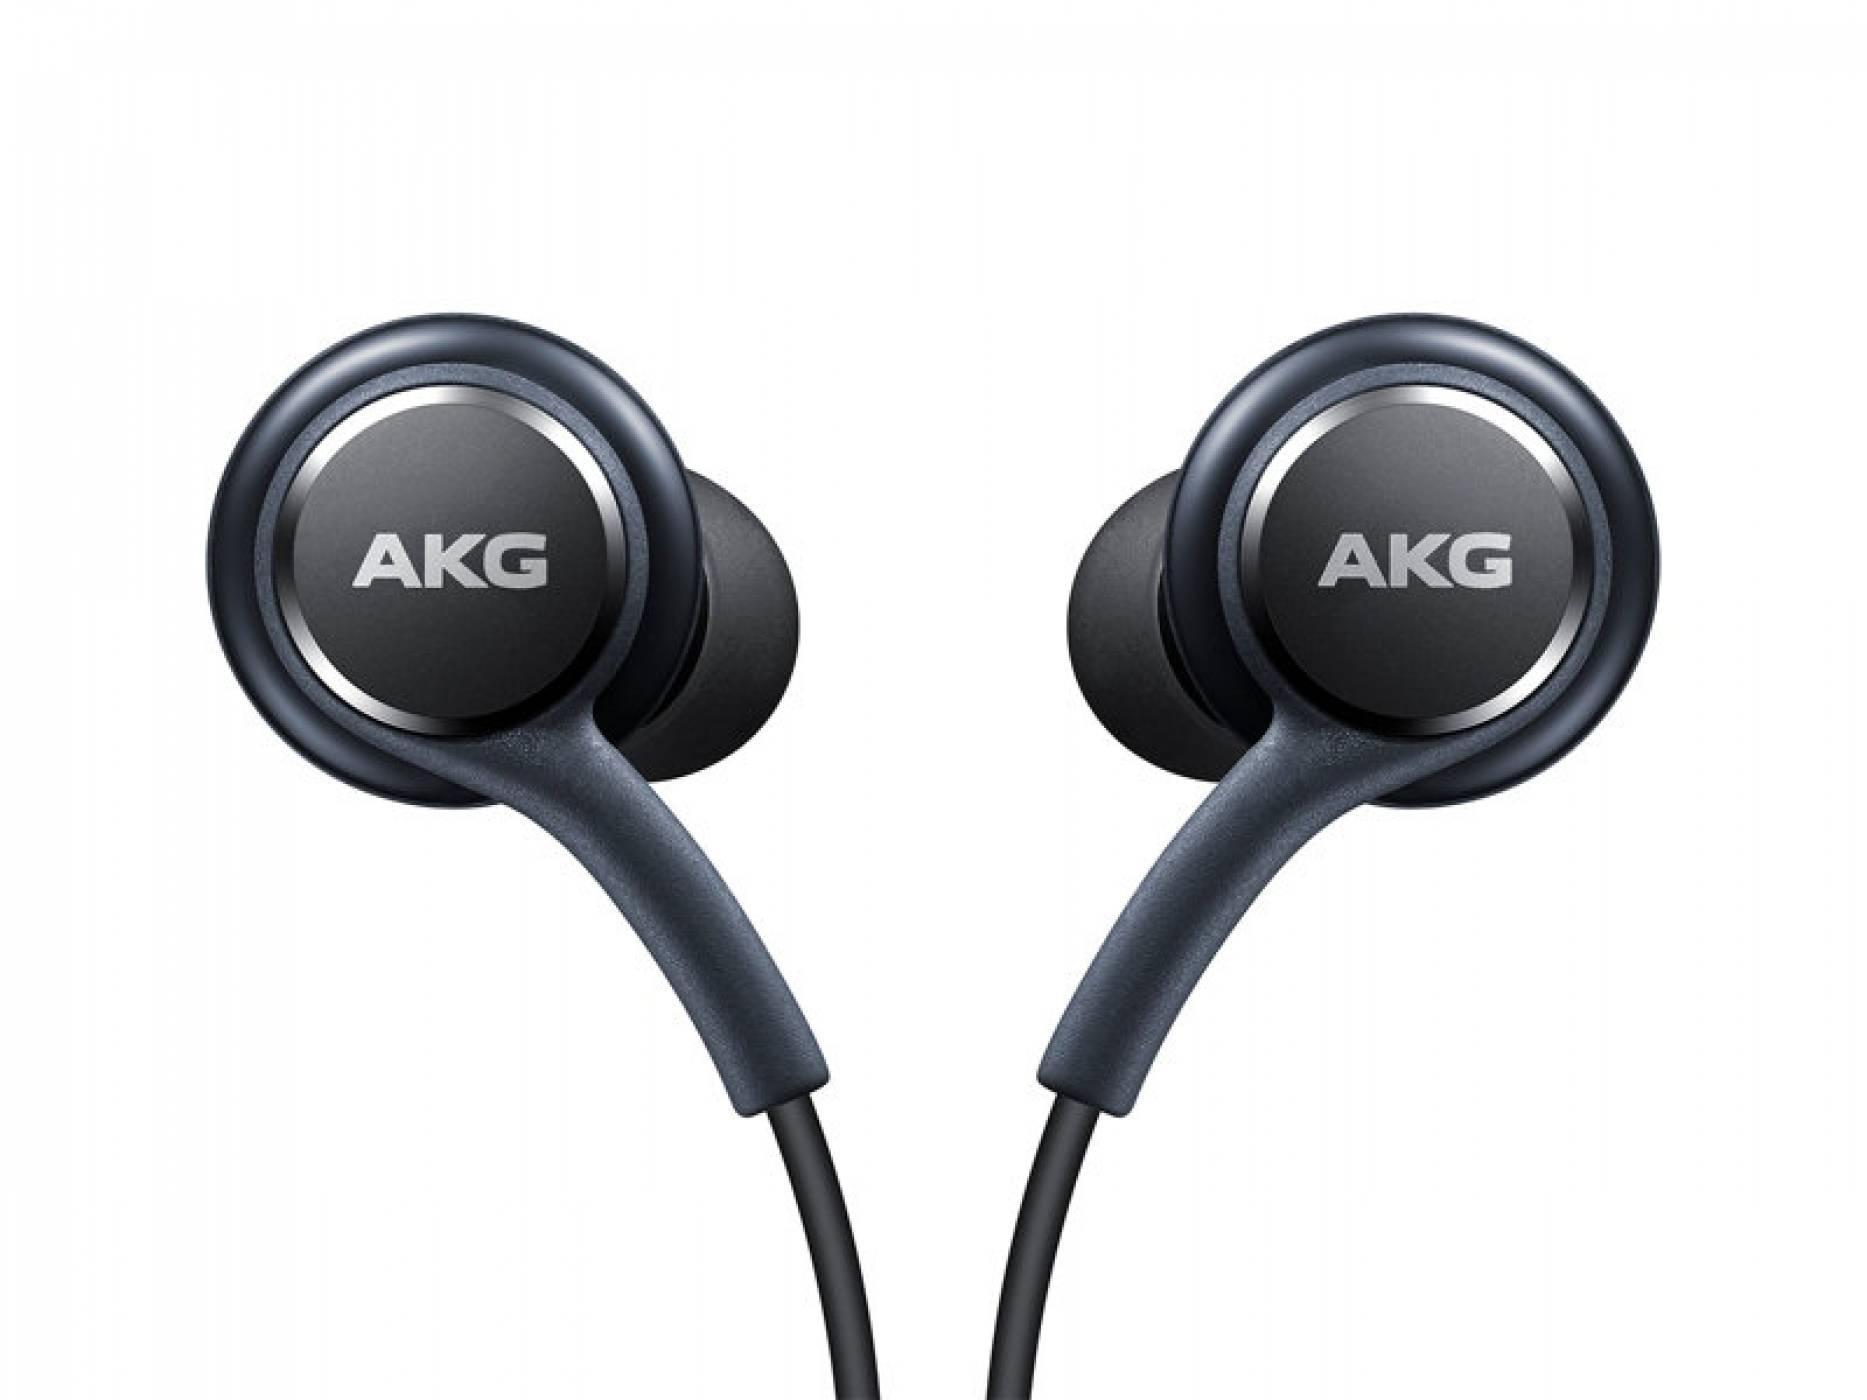 Galaxy S9 може да ползва нови безжични слушалки от AKG